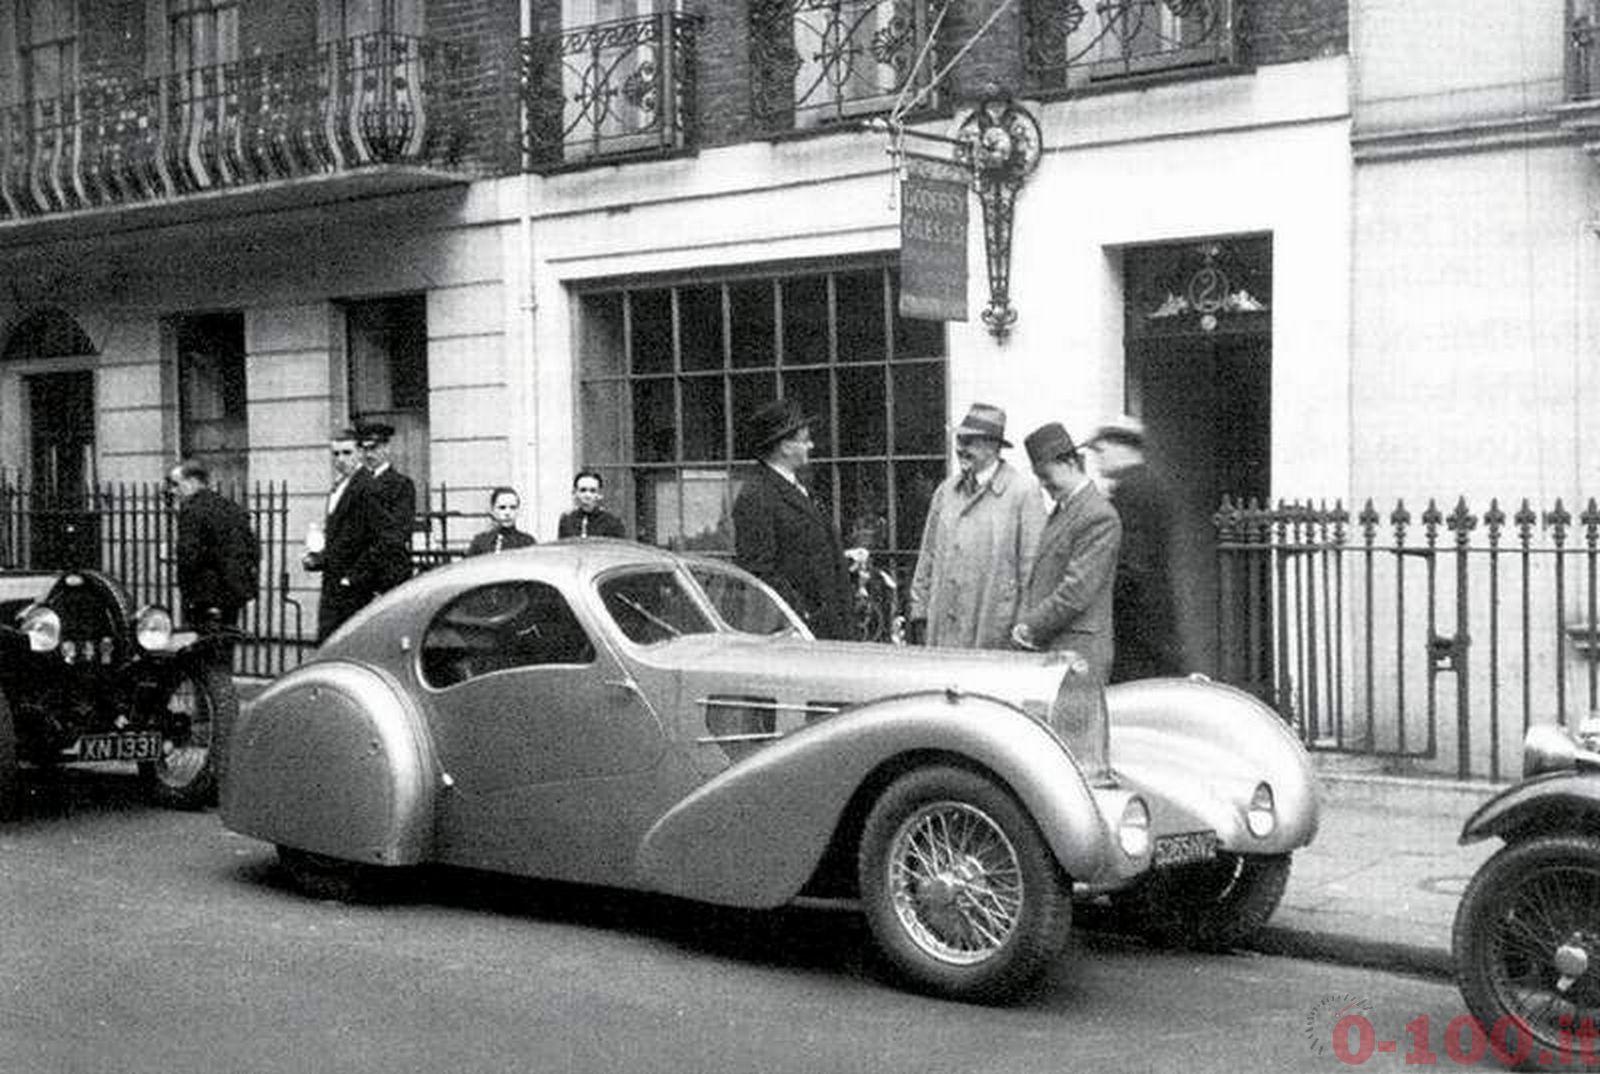 Bugatti_Type_57_Aerolithe_electron_1935_1